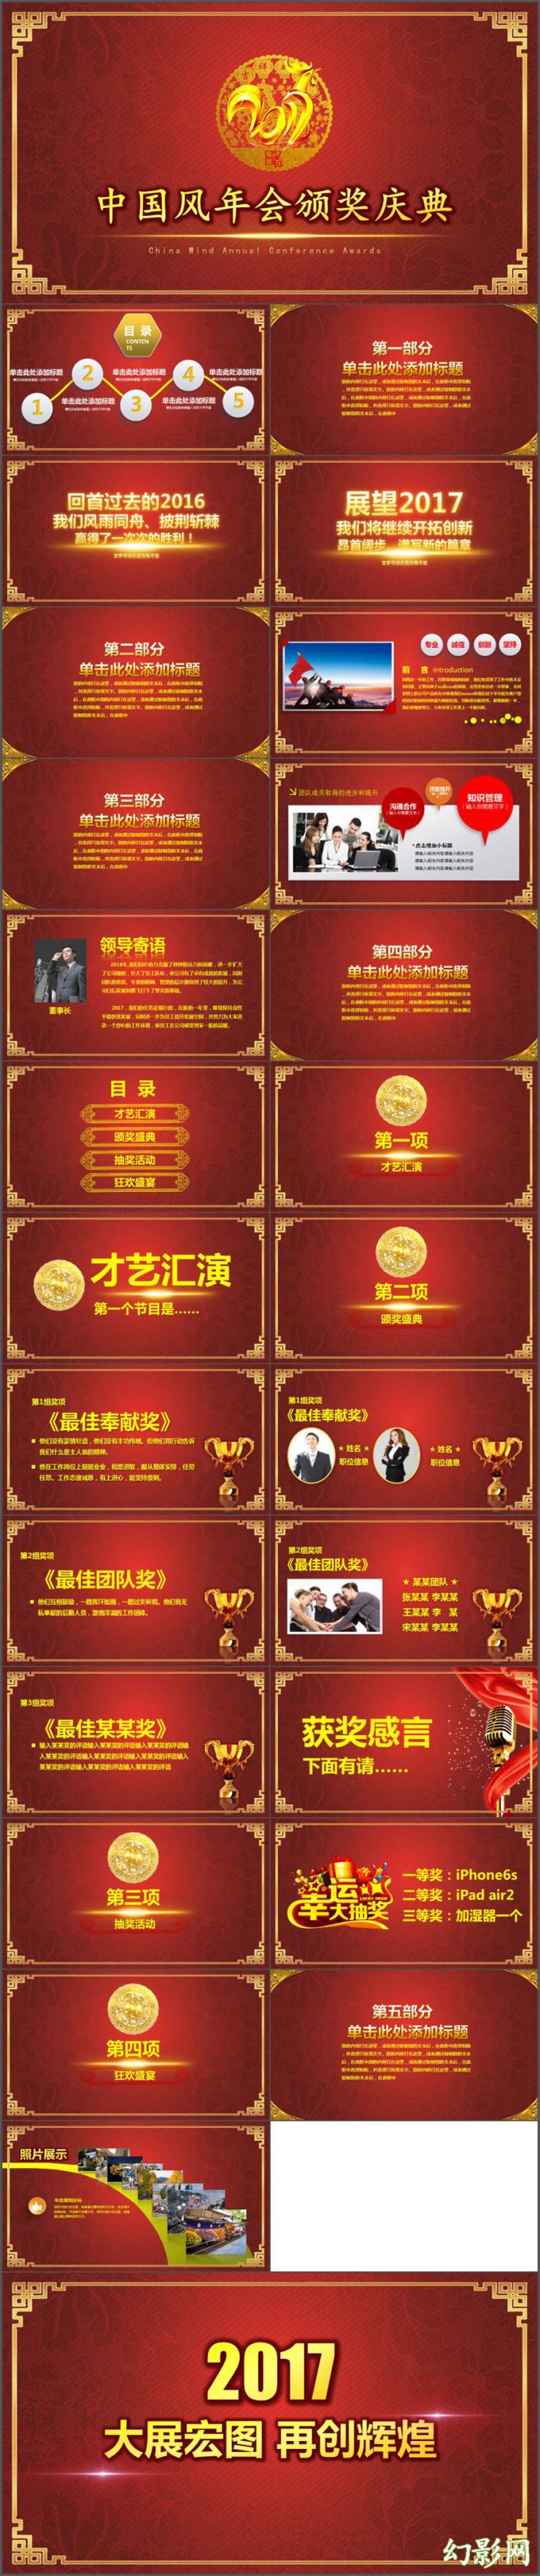 中国风红色喜庆年会颁奖庆典PPT模板